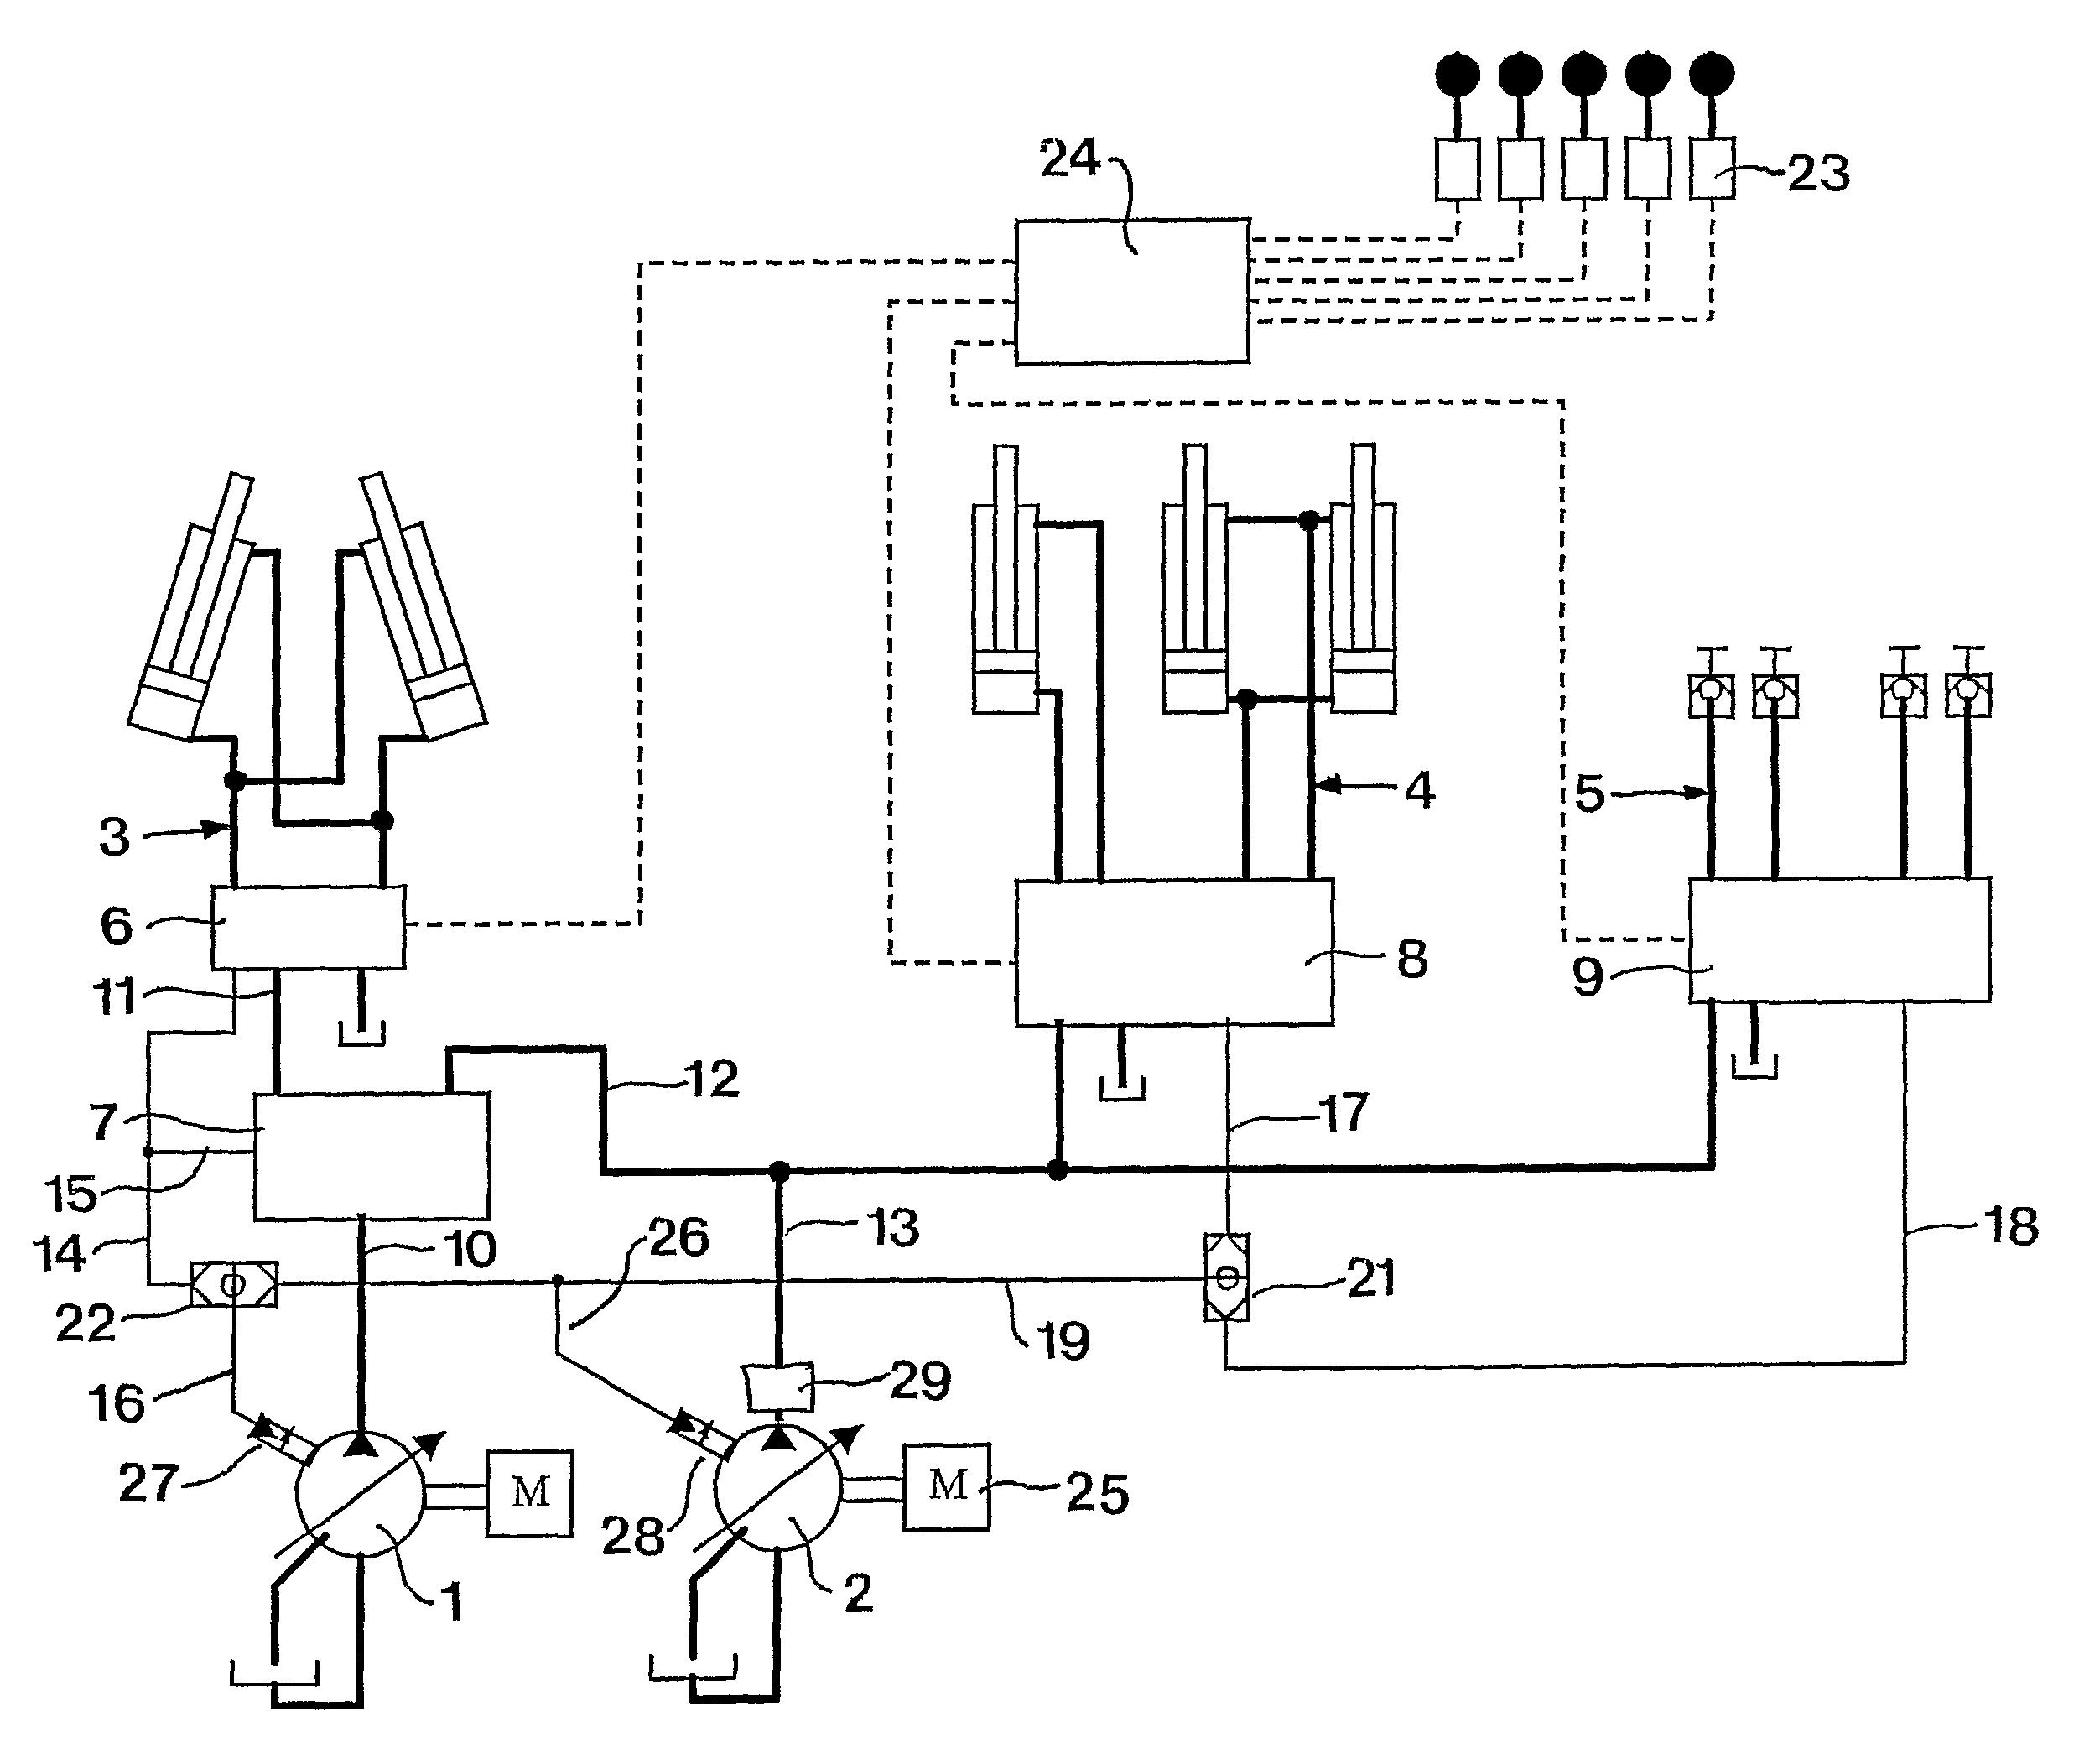 Steel Hydraulic Press | Wiring Diagram Database